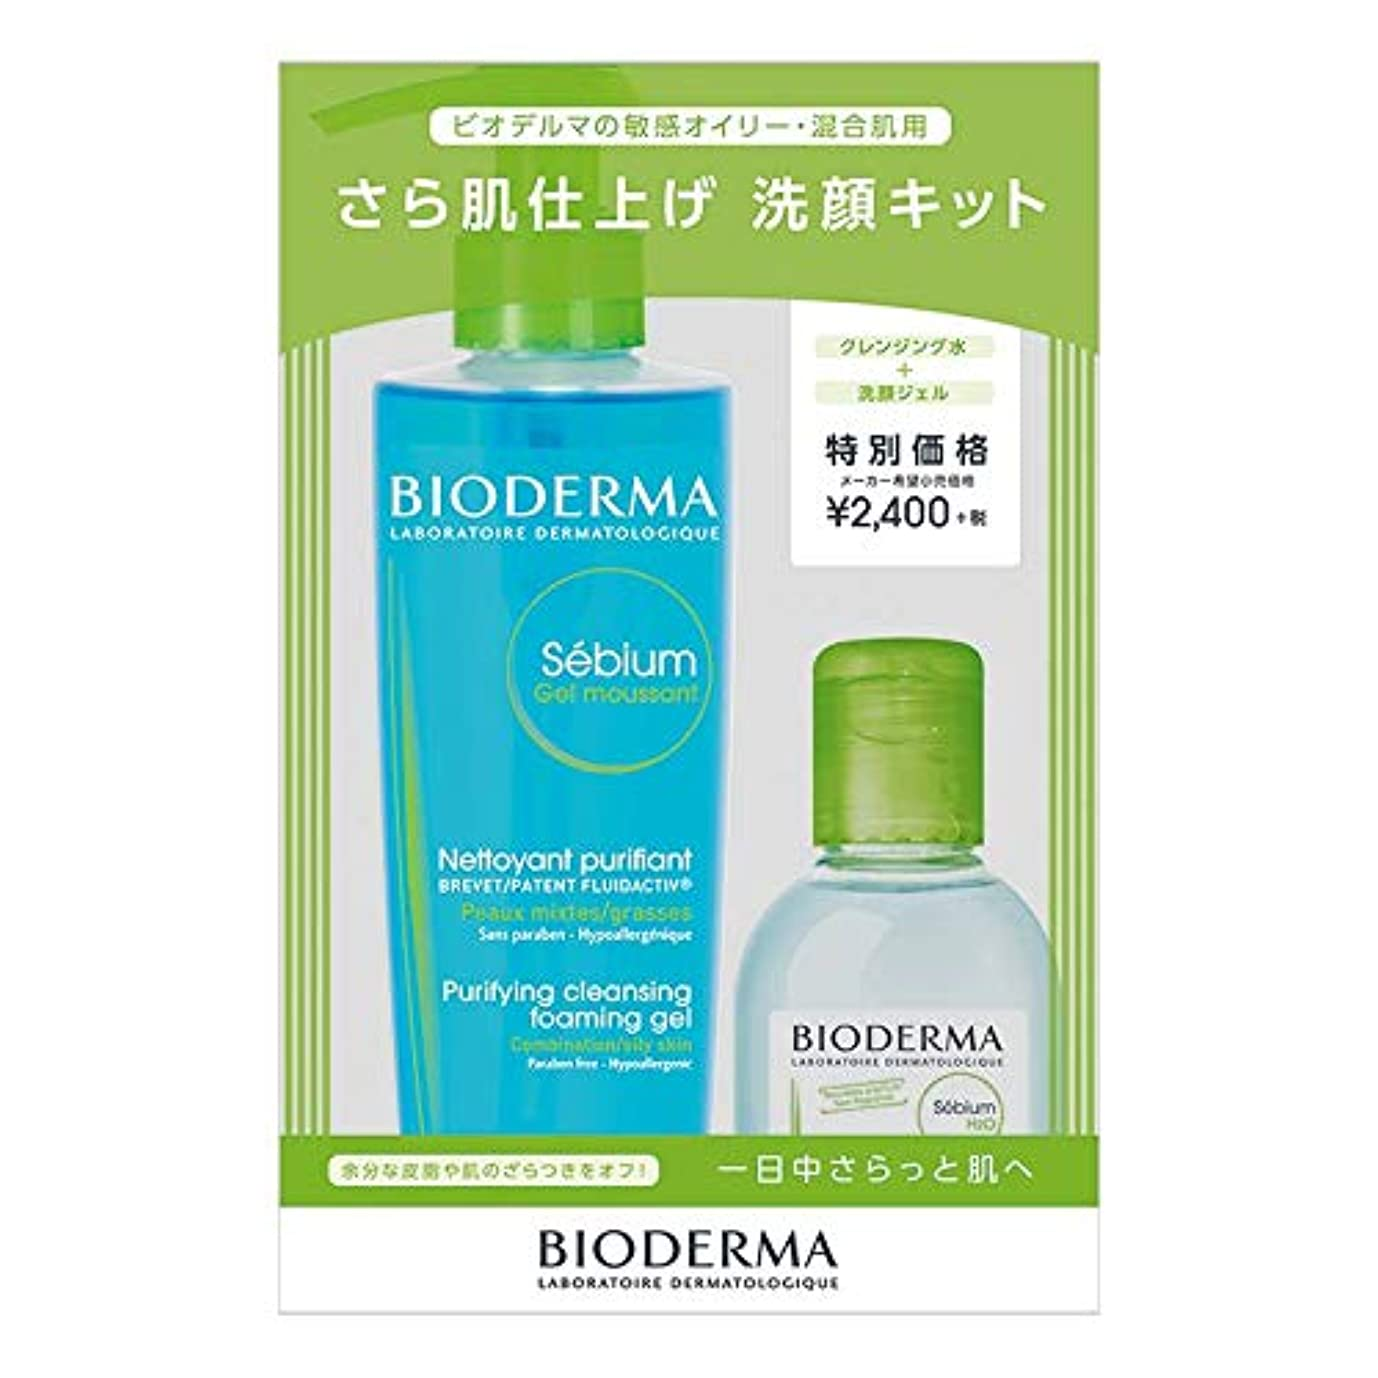 シンポジウム怠惰非効率的なビオデルマ セビウム サラハダシアゲ センガンキット 洗顔 セット 200g+100ml